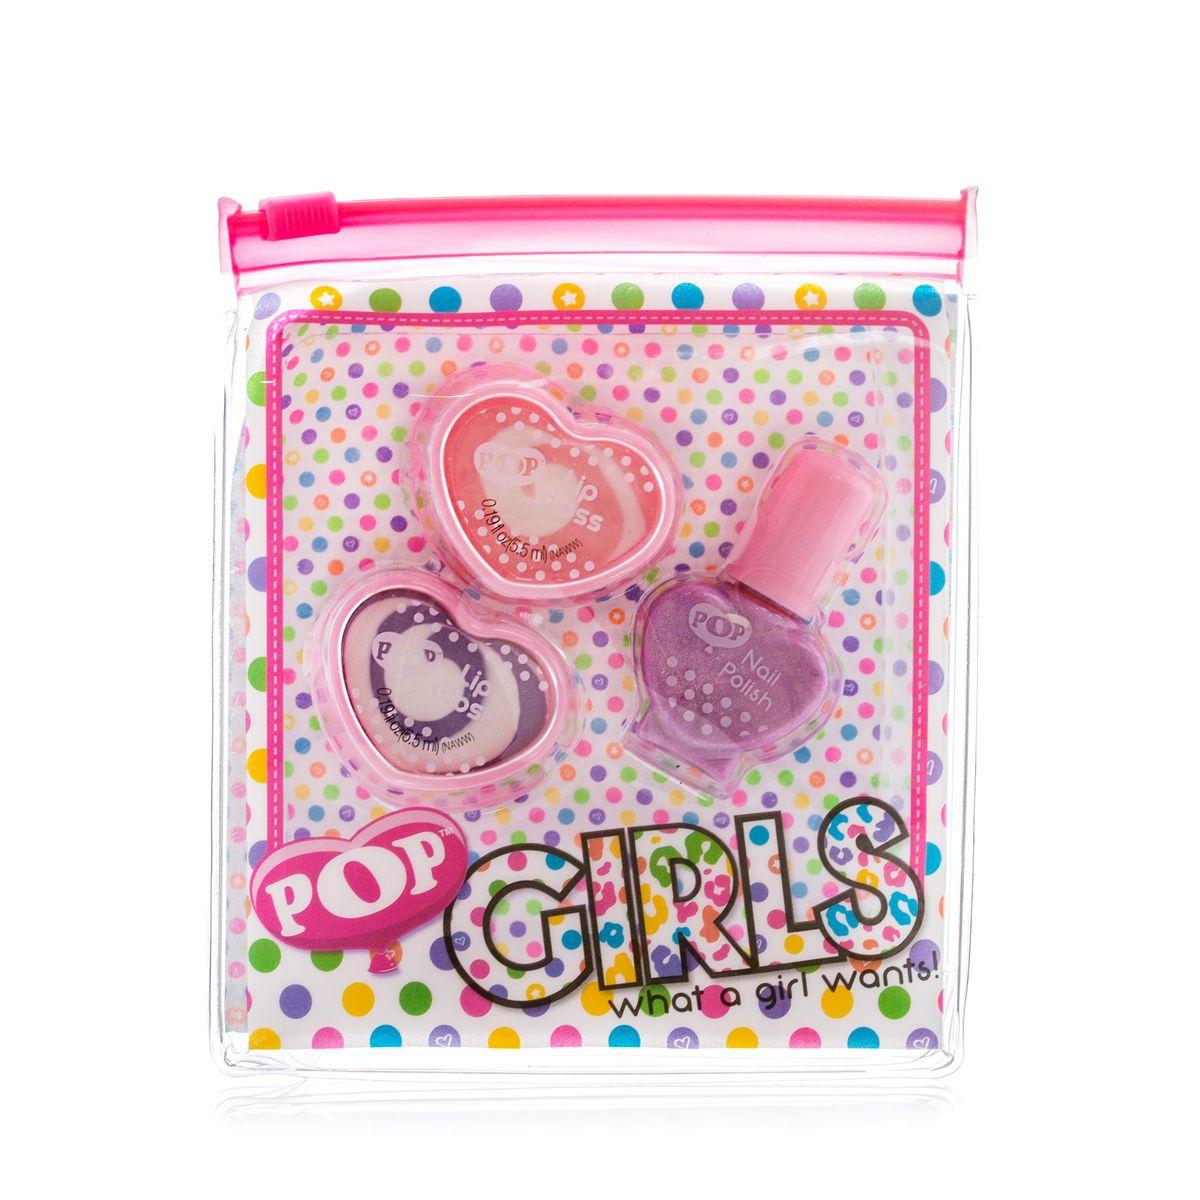 Markwins Игровой набор детской декоративной косметики для губ и ногтей POP 3605051SC-FM20104Состав набора: блески для губ в баночках 2 шт., лак на водной основе для ногтей 1 шт.